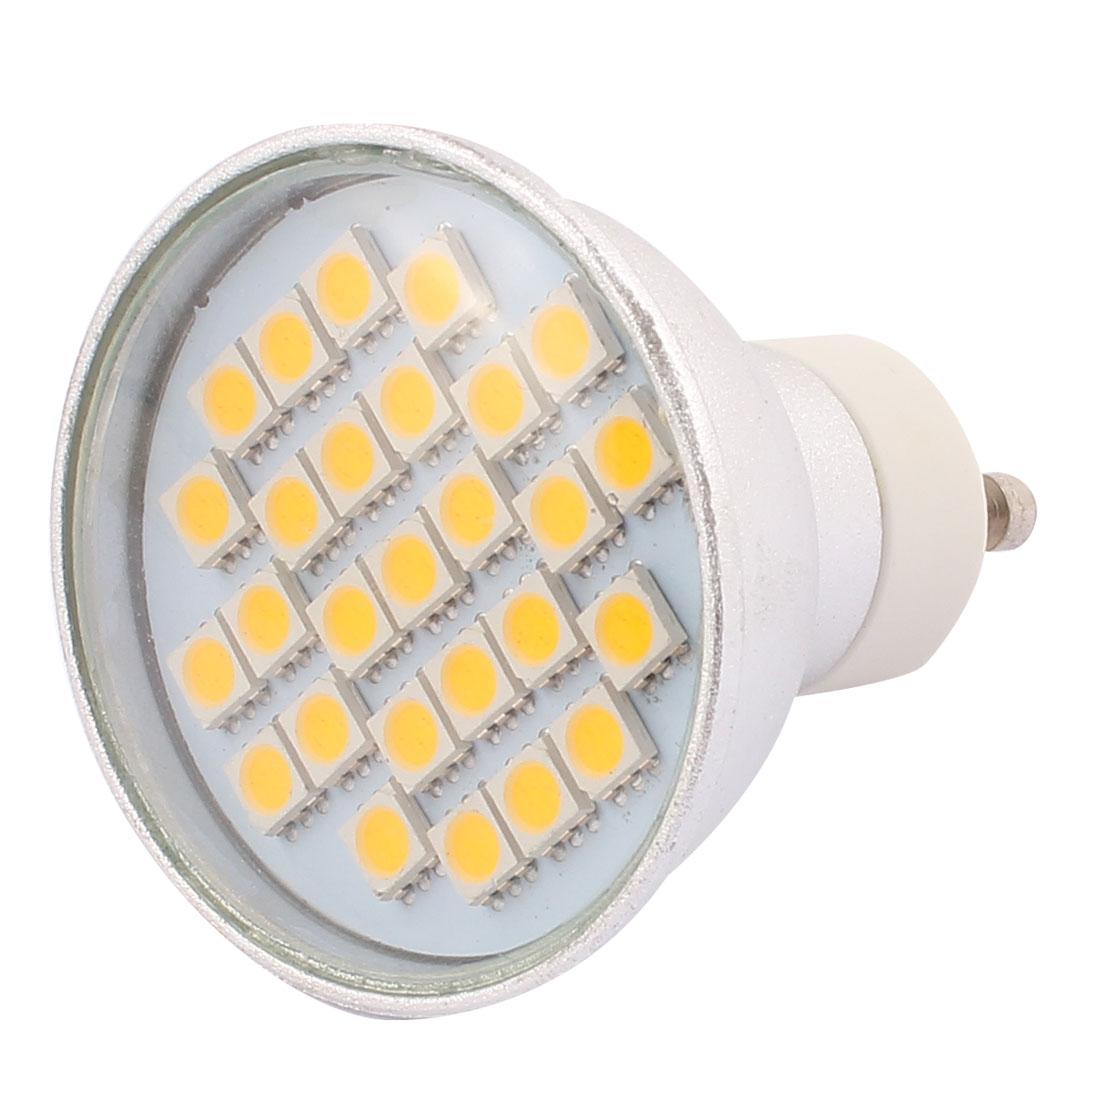 110V GU10 LED Light 4W 5050 SMD 27 LEDs Spotlight Down Lamp Bulb Energy Saving Warm White